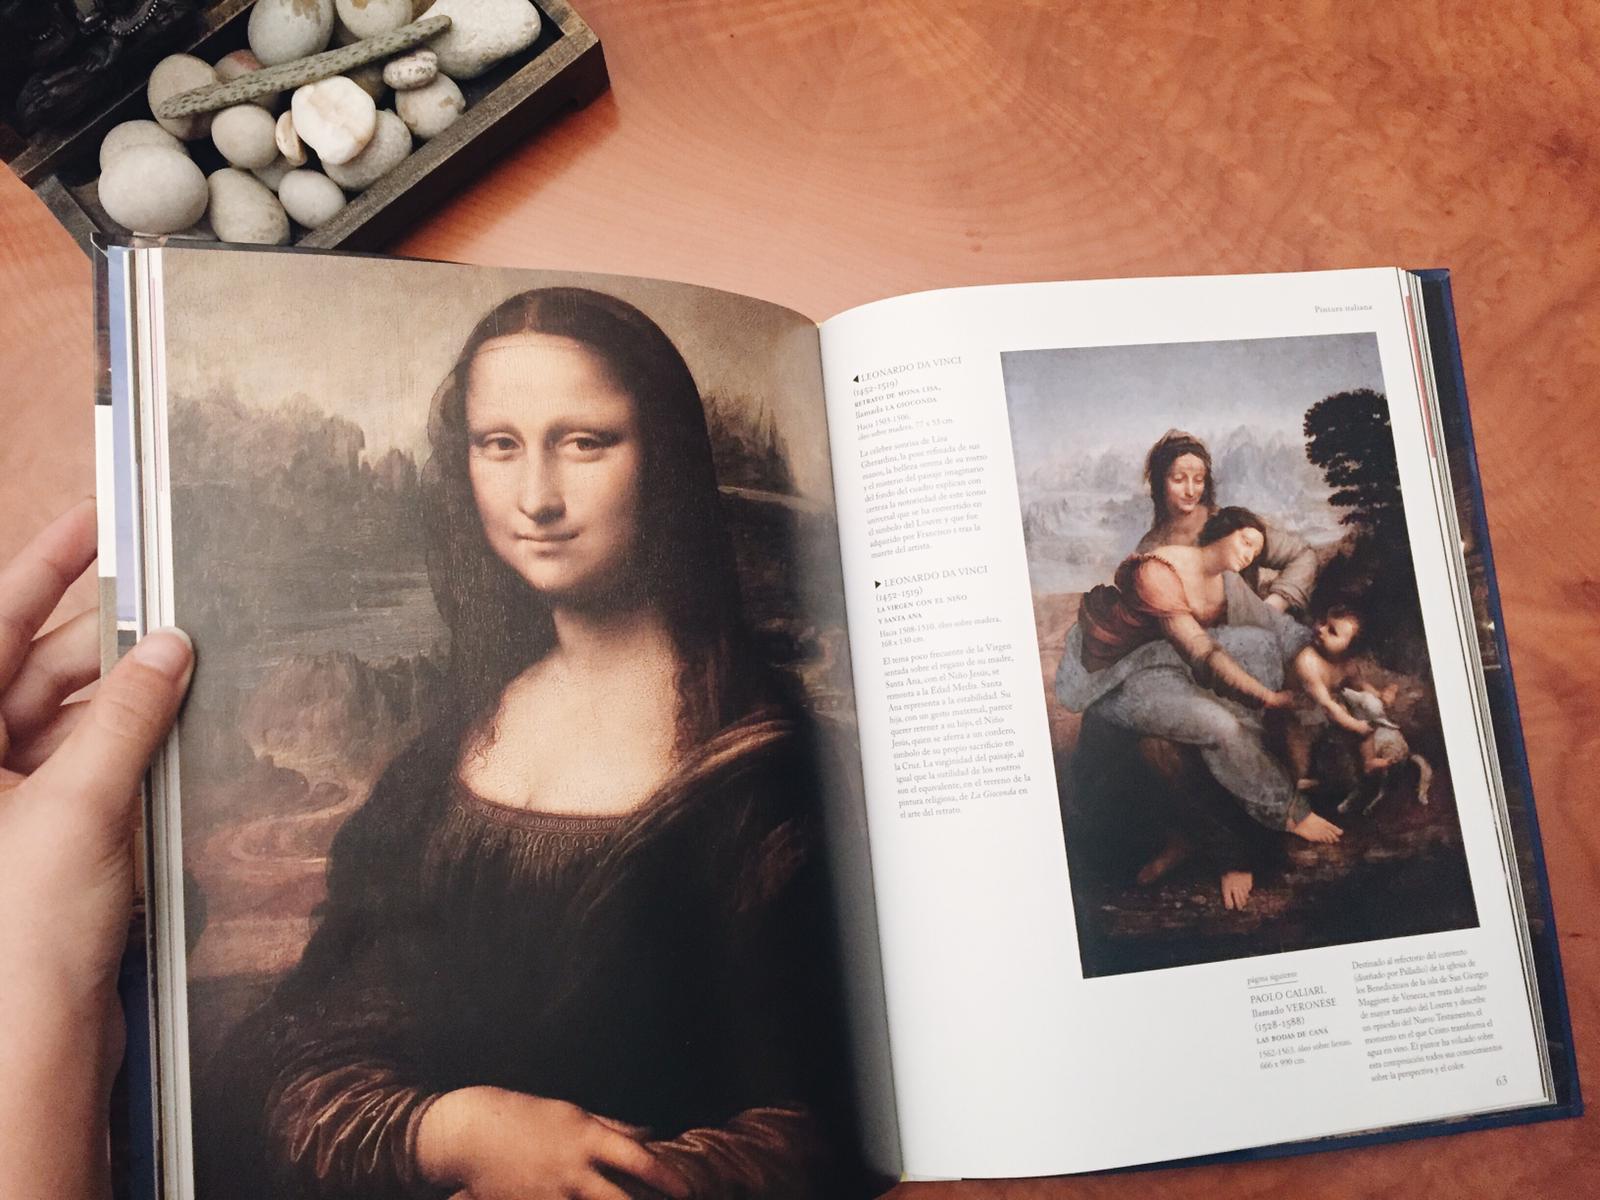 Este es un libro que me llevé del Louvre, tiene obras des de 8000 aC hasta el siglo XIX. Y obvio, aquí está Da Vinci.